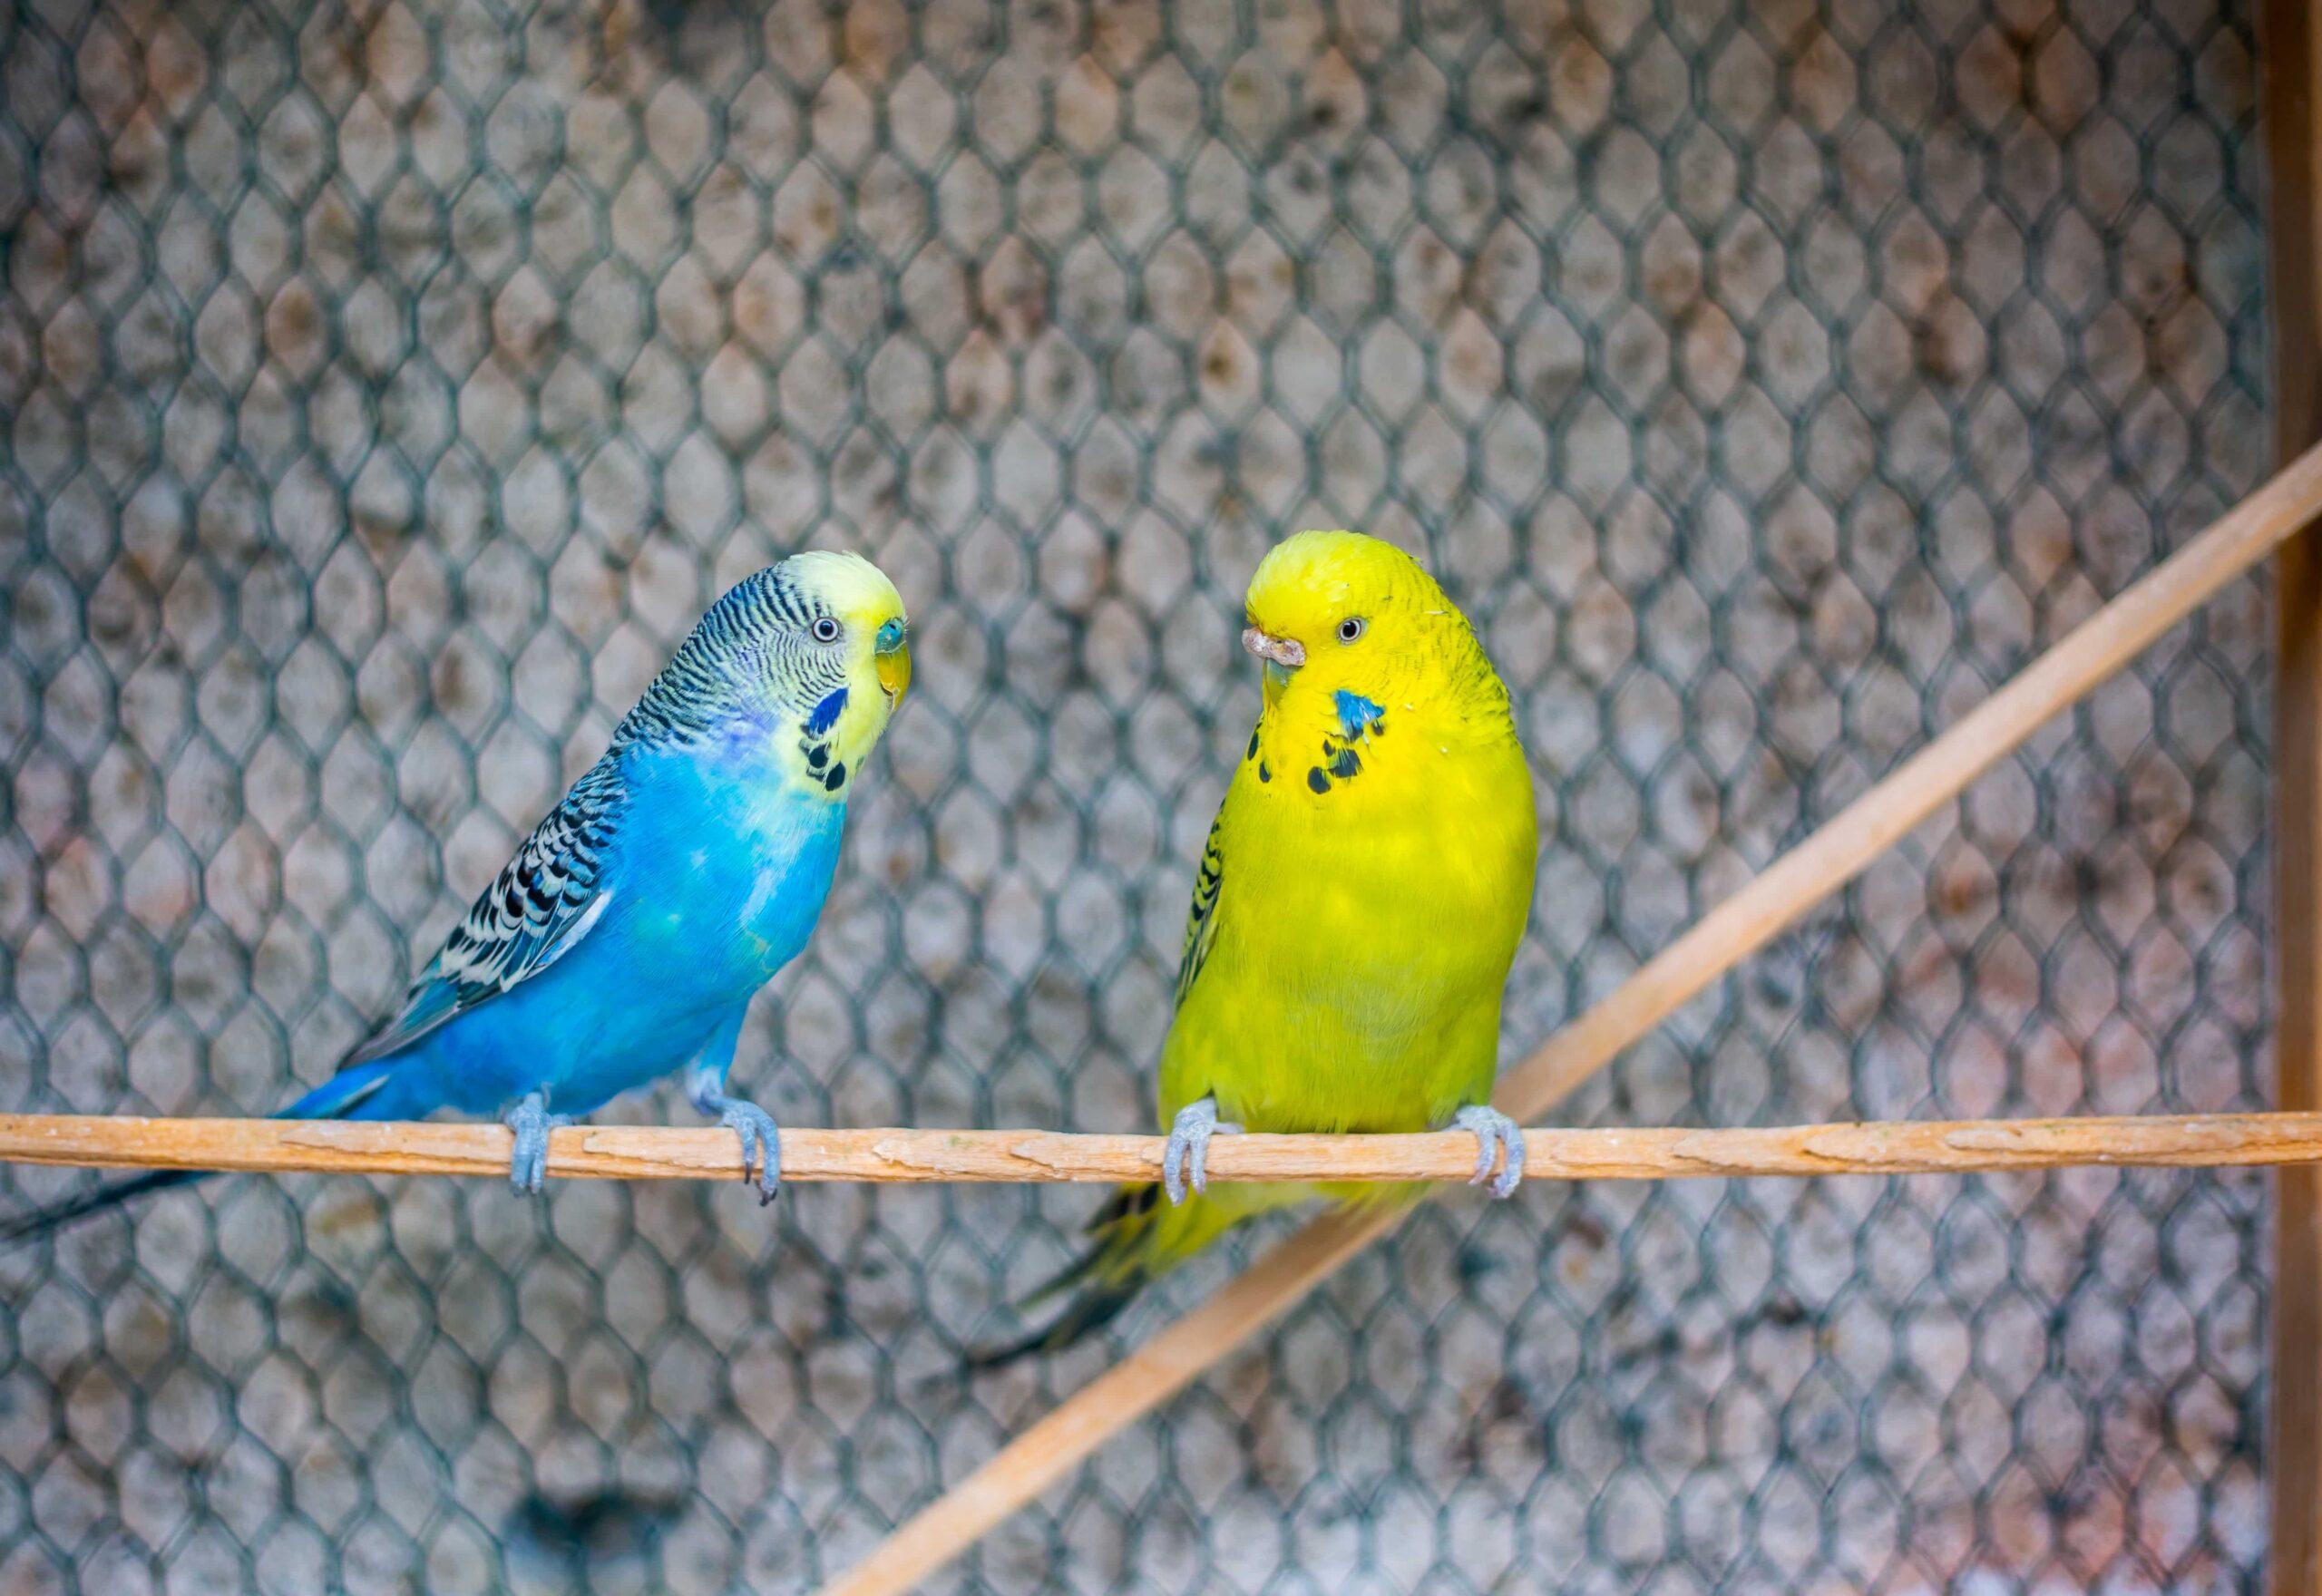 Muhabbet Kuşlarında Eş Değiştirme Yapılabilir mi? Zararı Var mı?